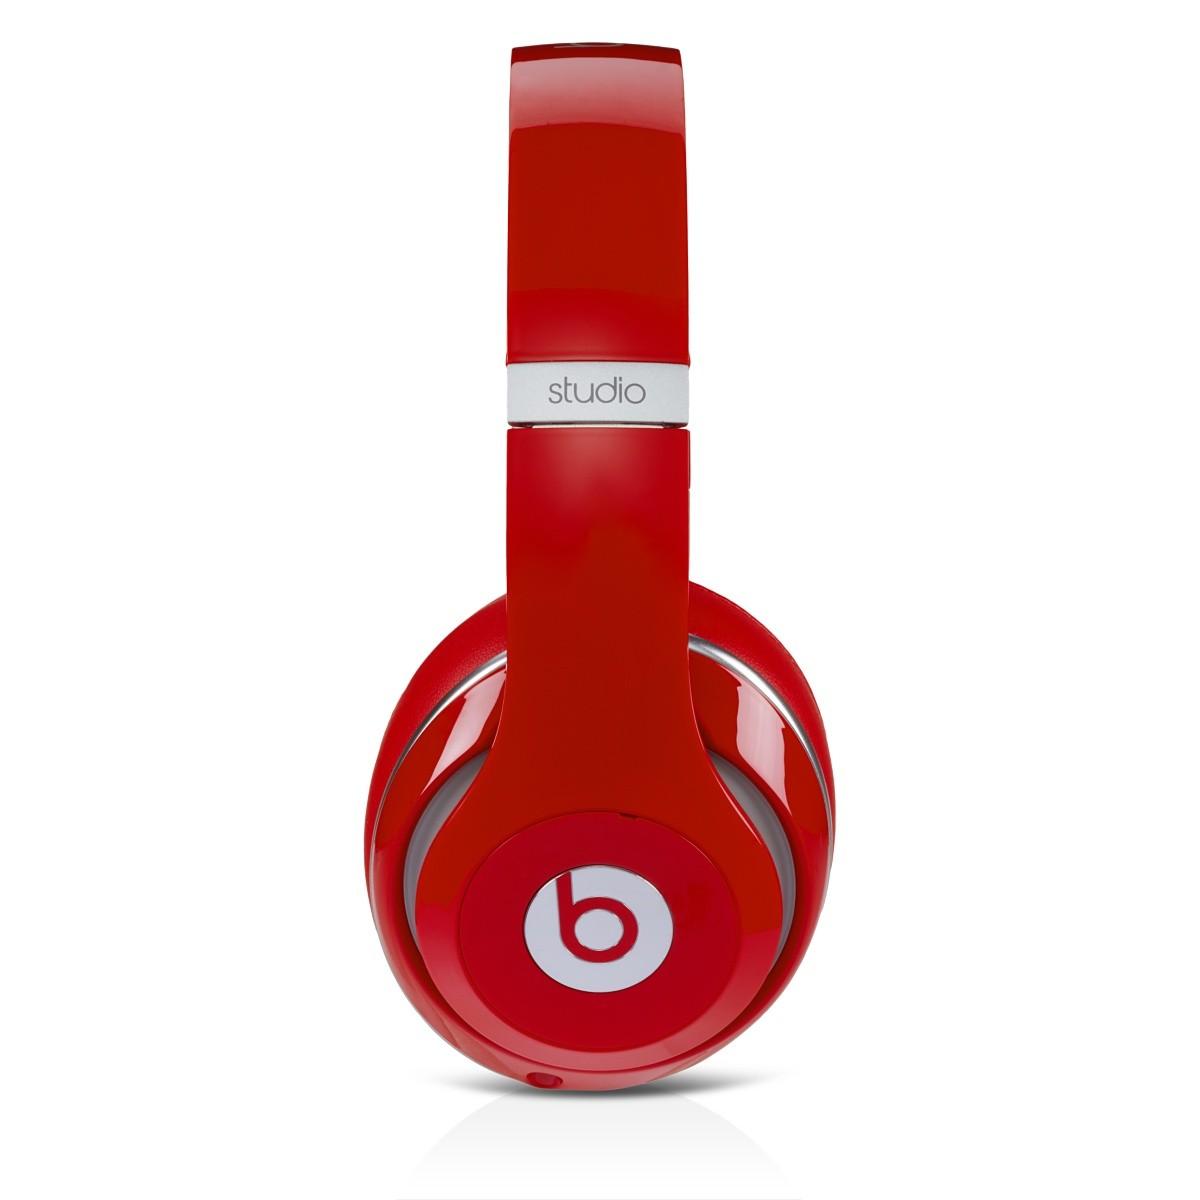 Beats Studio 2.0 Over-Ear червени слушалки с рамка и наушници, обхващащи ухото